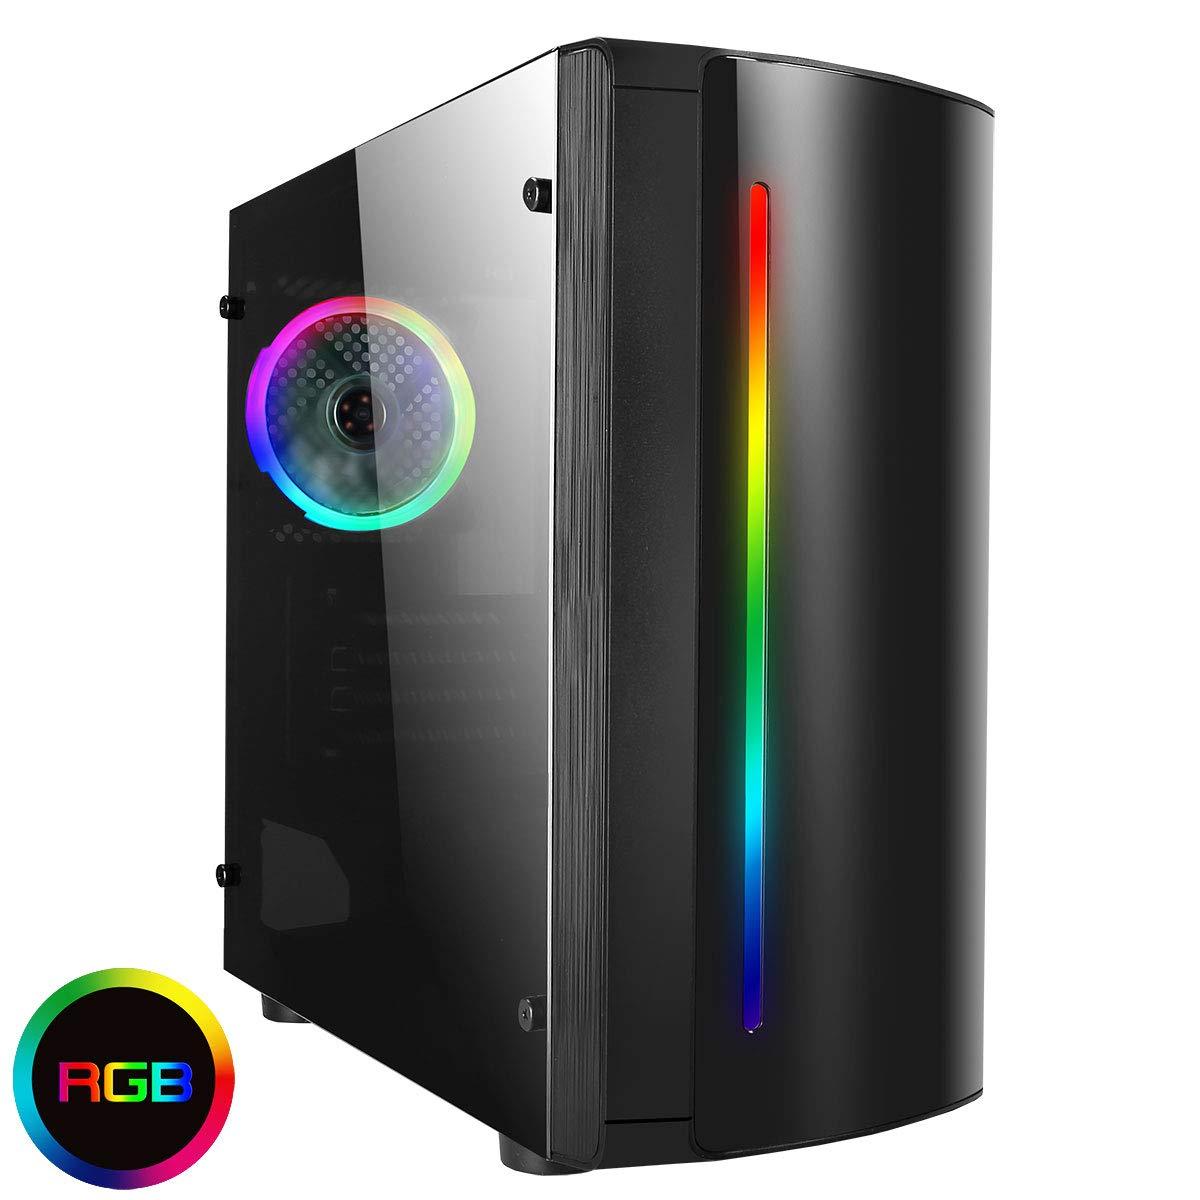 CiT Beam - Carcasa para Videojuegos con diseño de arcoíris RGB, 1 Ventilador de acrílico RGB: Amazon.es: Informática